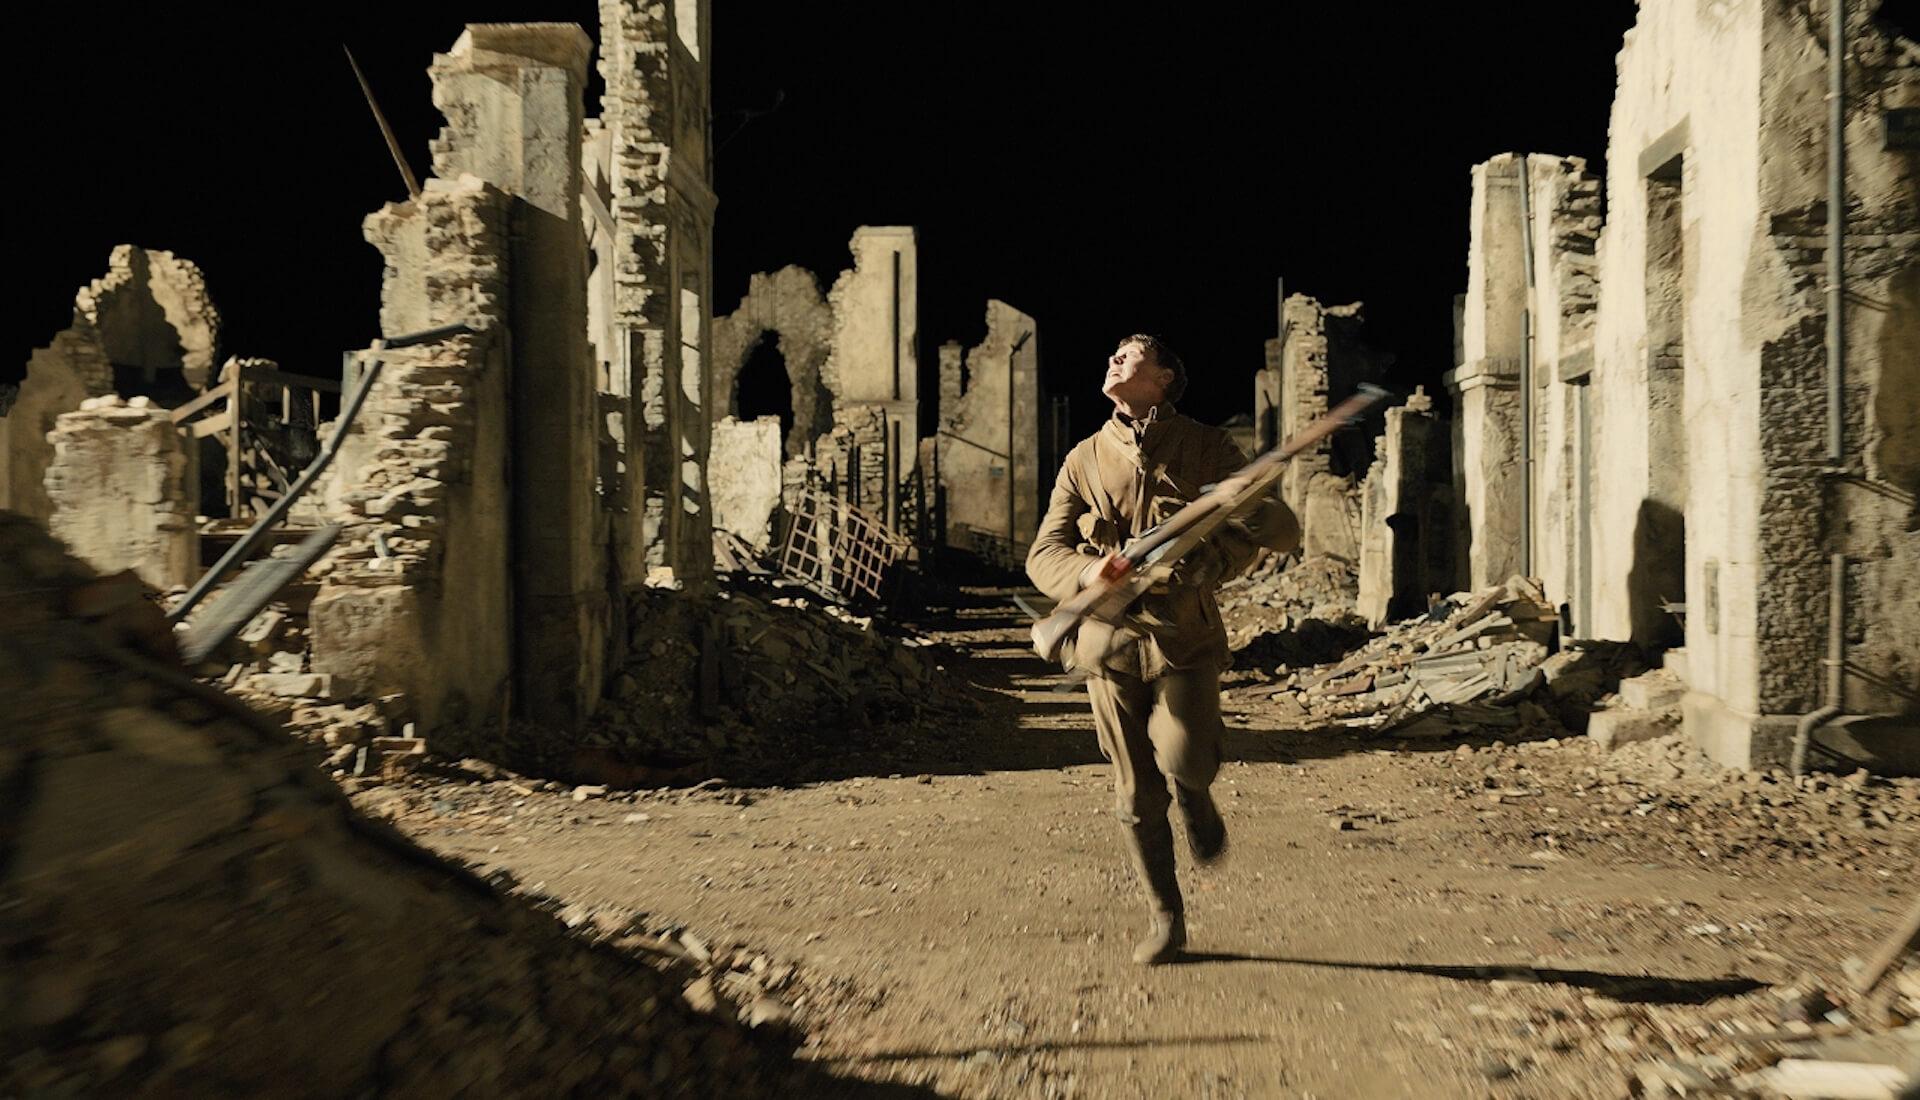 『1917 命をかけた伝令』でアカデミー賞を受賞したロジャー・ディーキンスと監督サム・メンデスが語るワンカット撮影のこだわりとは? film200220_1917maiking_14